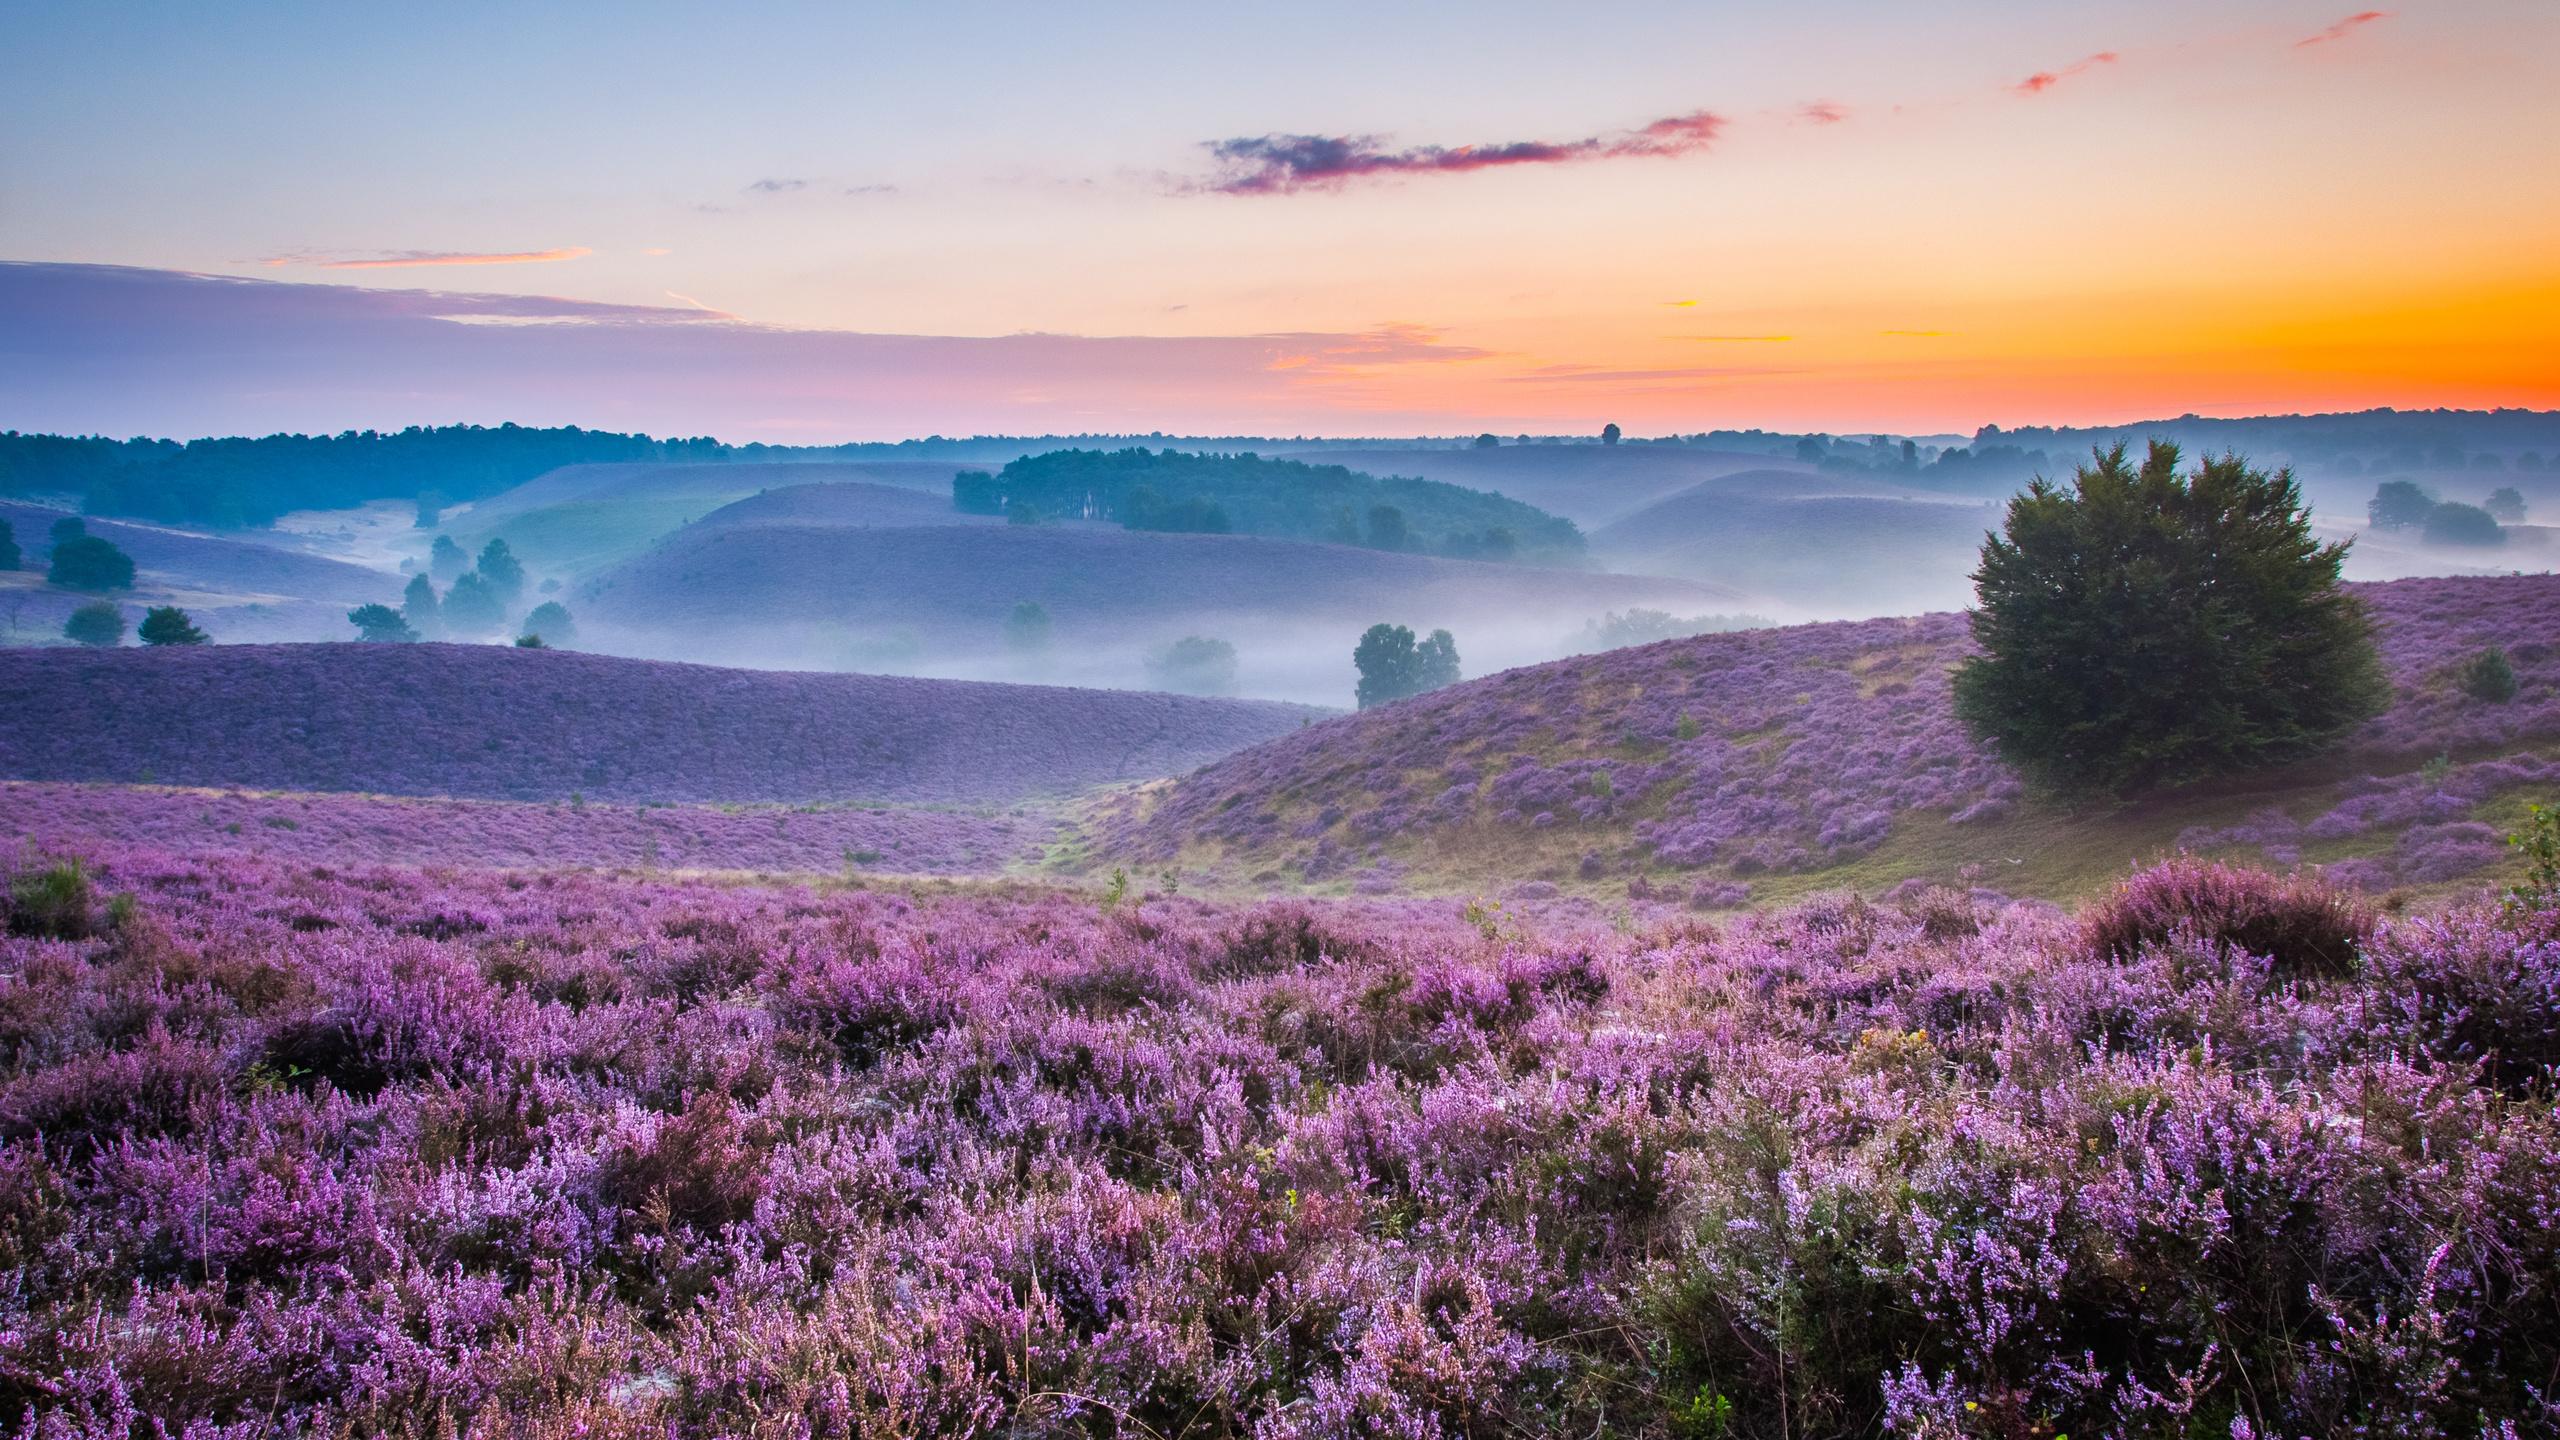 Картинки красивые утренние природа, картинка